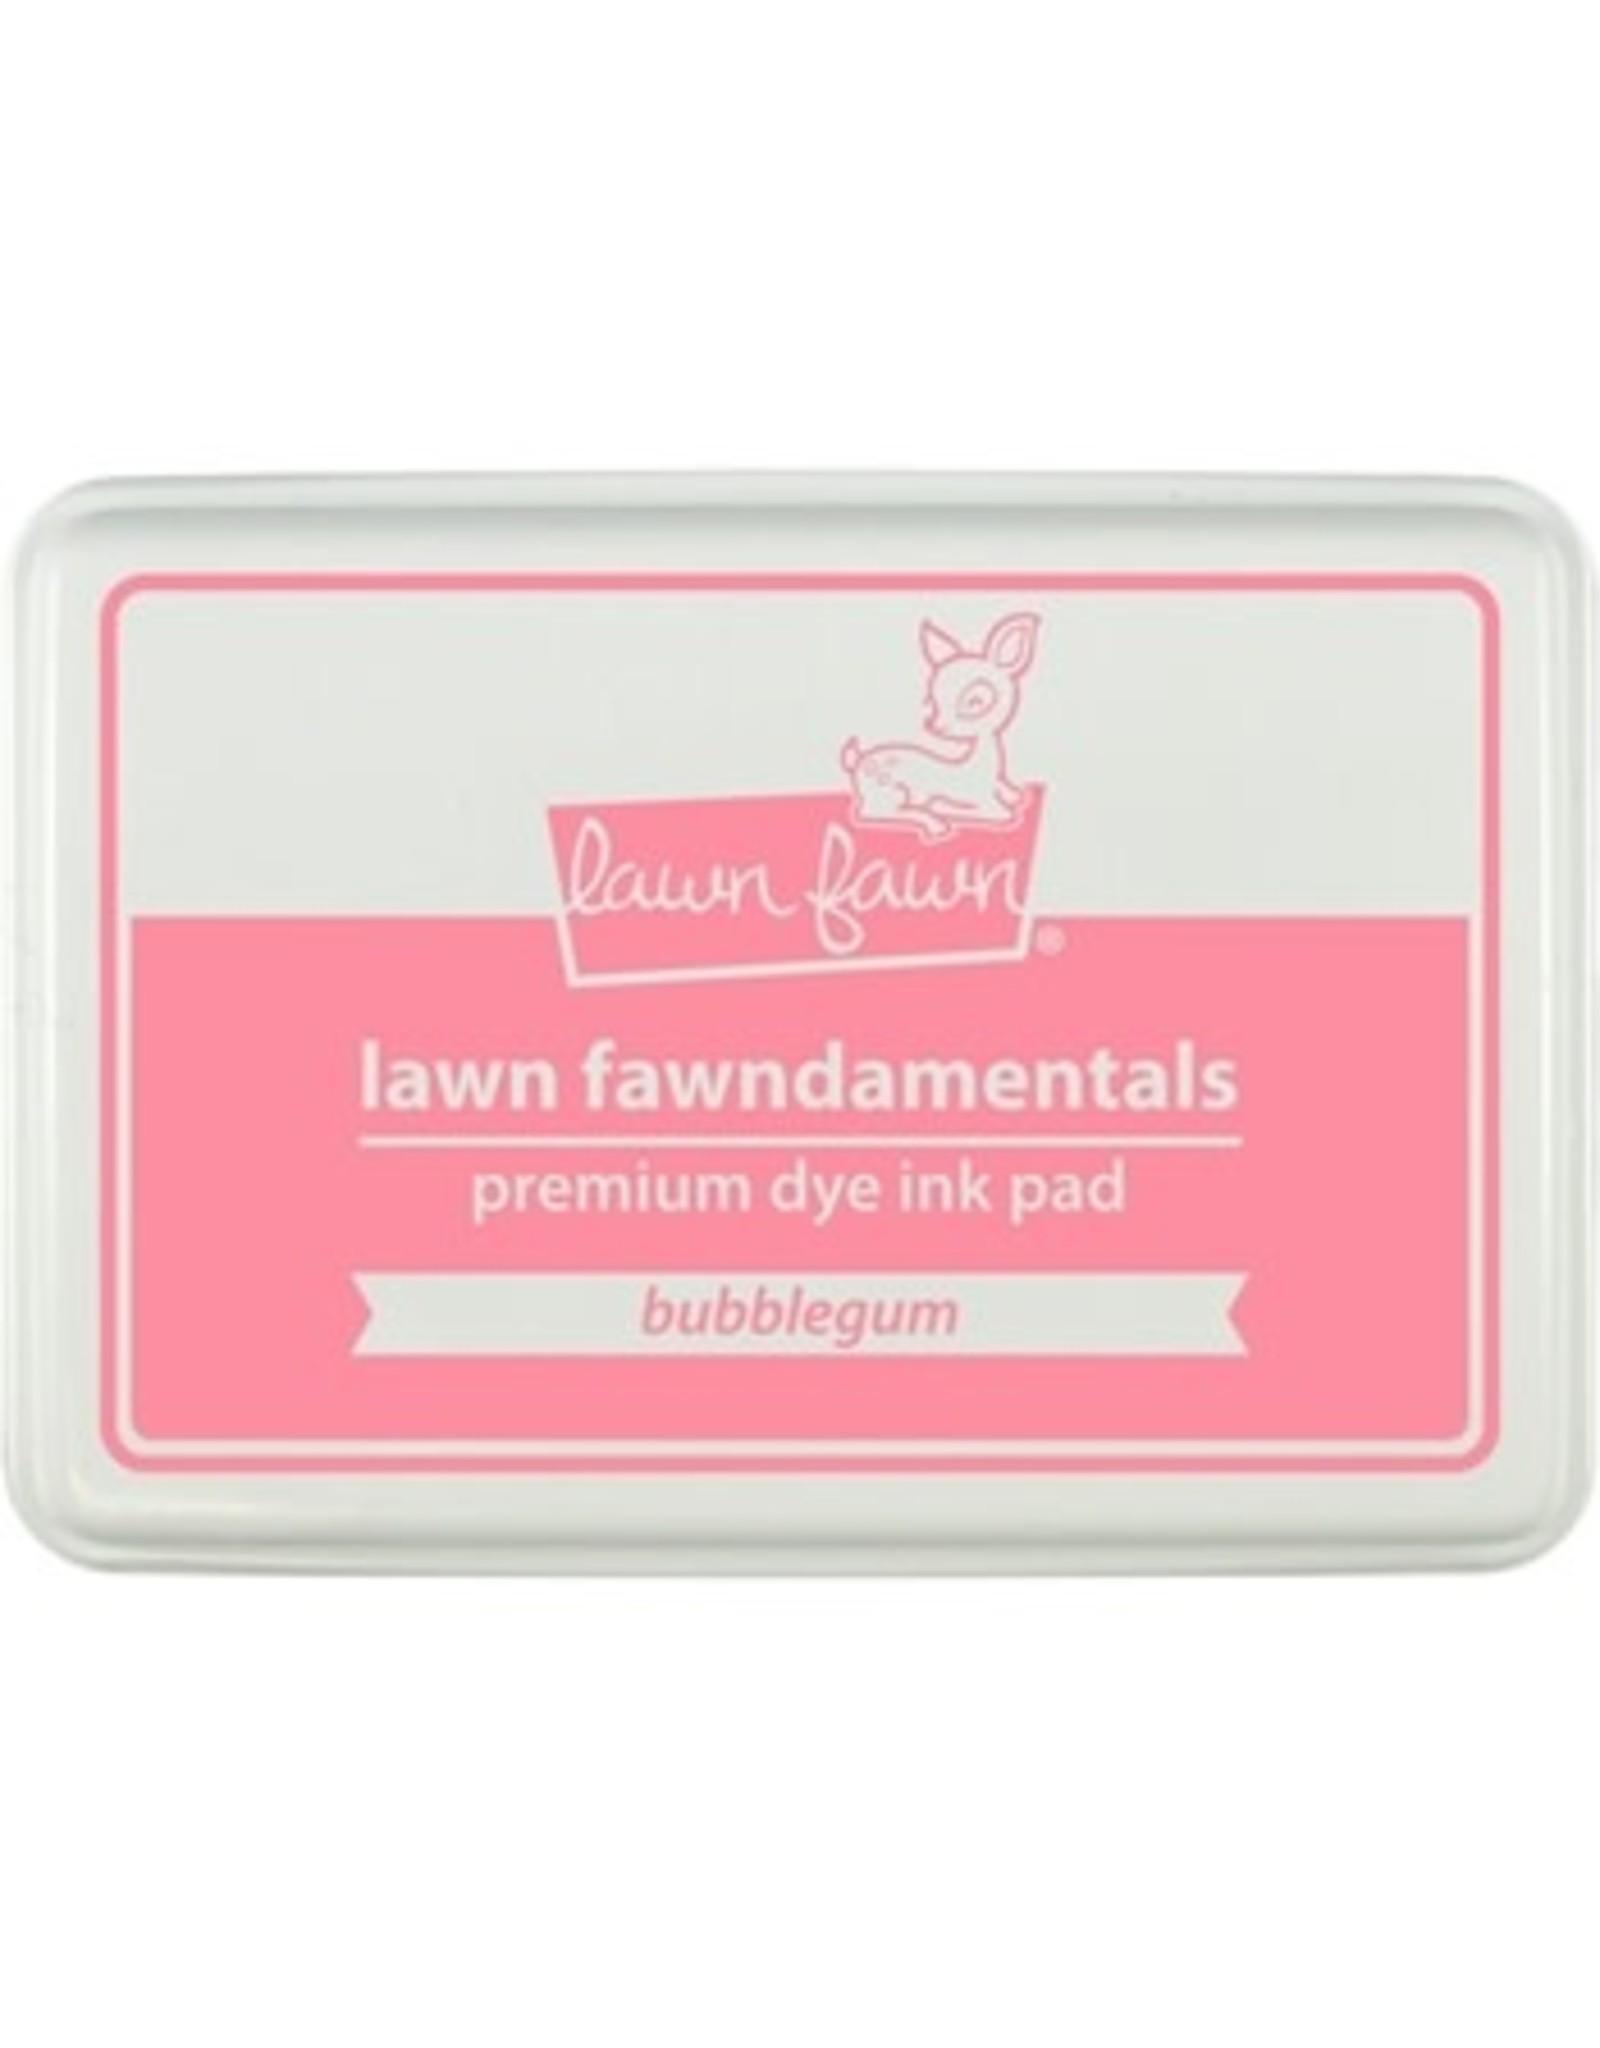 Lawn Fawn Lawn Fawndamentals Dye Ink Pad - Bubblegum